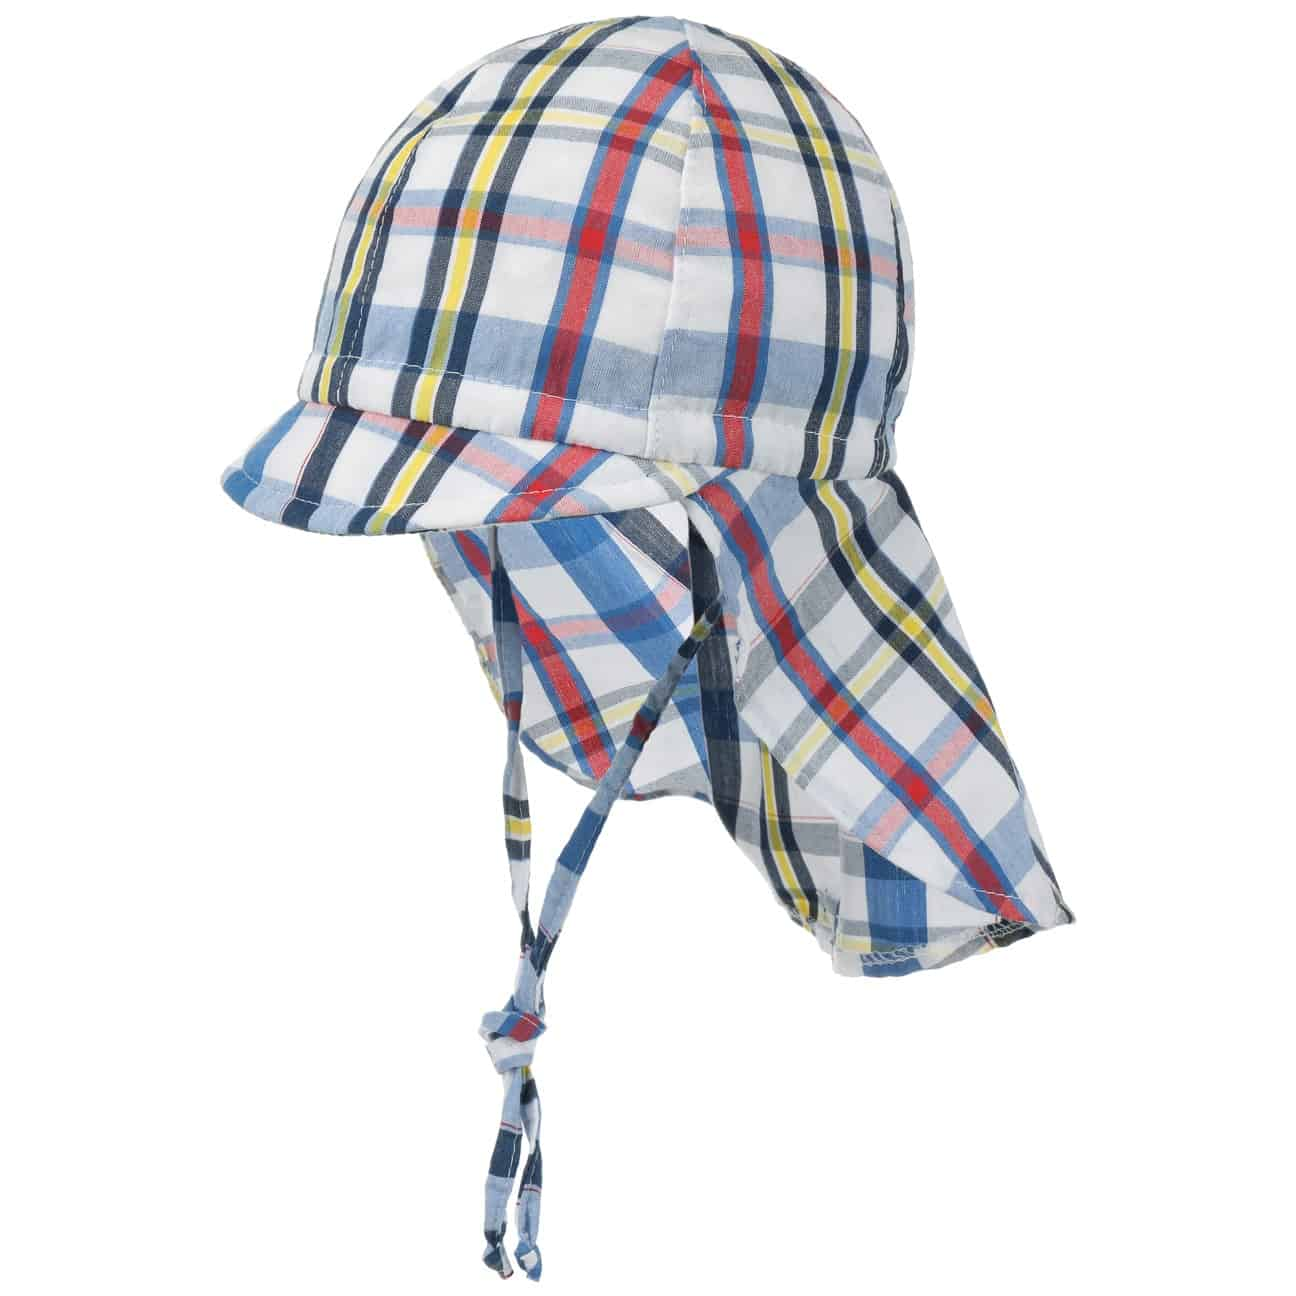 Gorra de Ni?o Cubrenuca by maximo  gorra protector UV